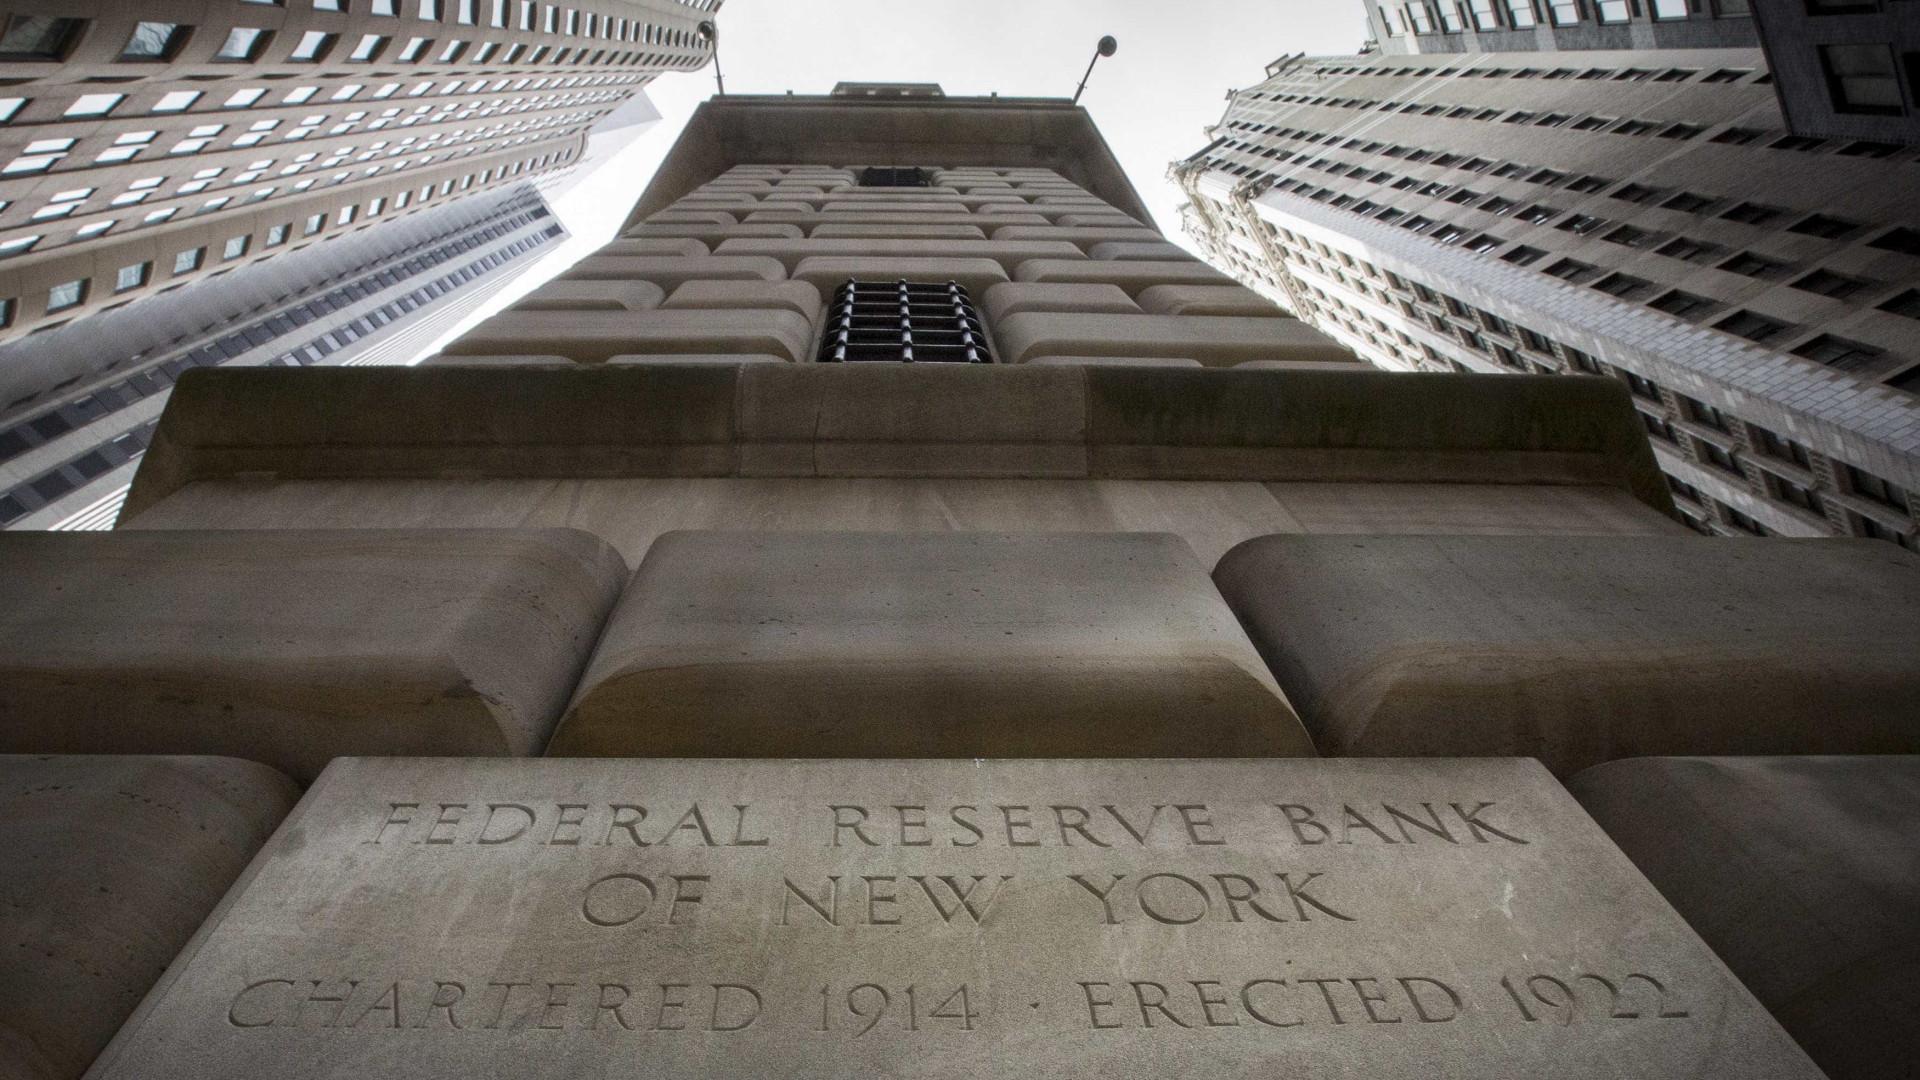 Membro do Federal Reserve questiona atual política de juros baixos